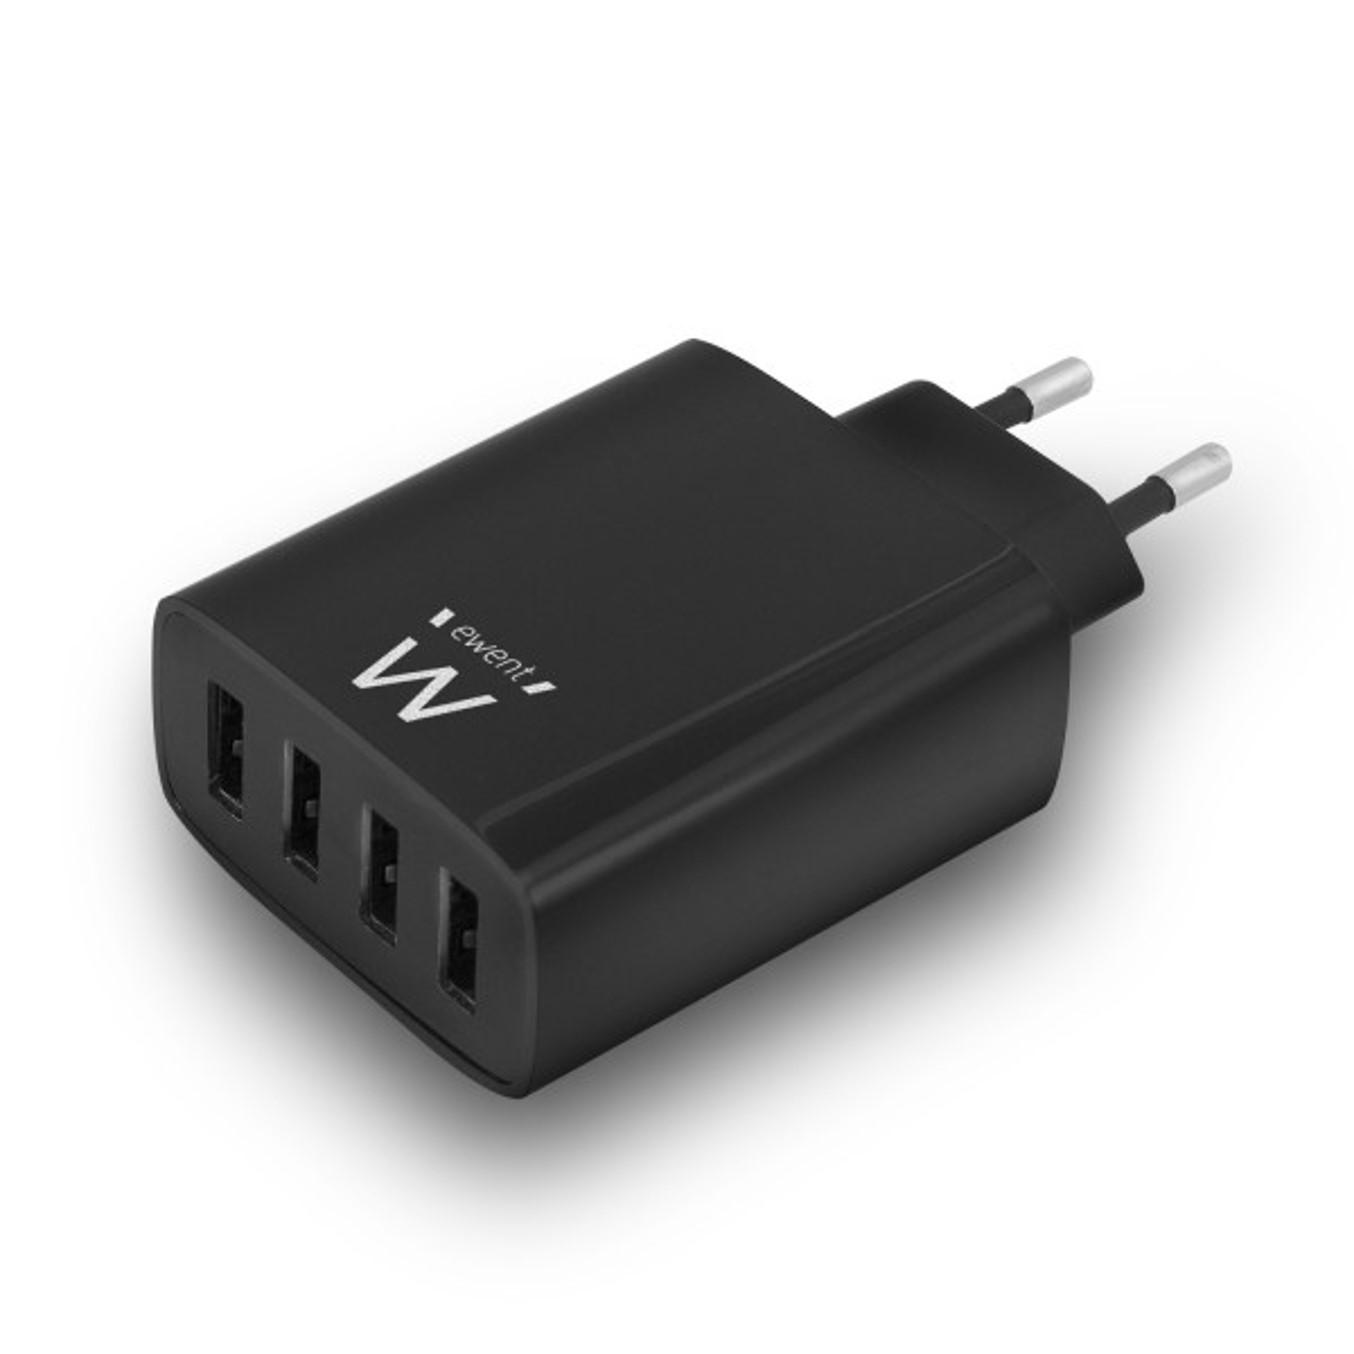 CARGADOR USB EWENT EW1314 4 PUERTOS 5.4 A